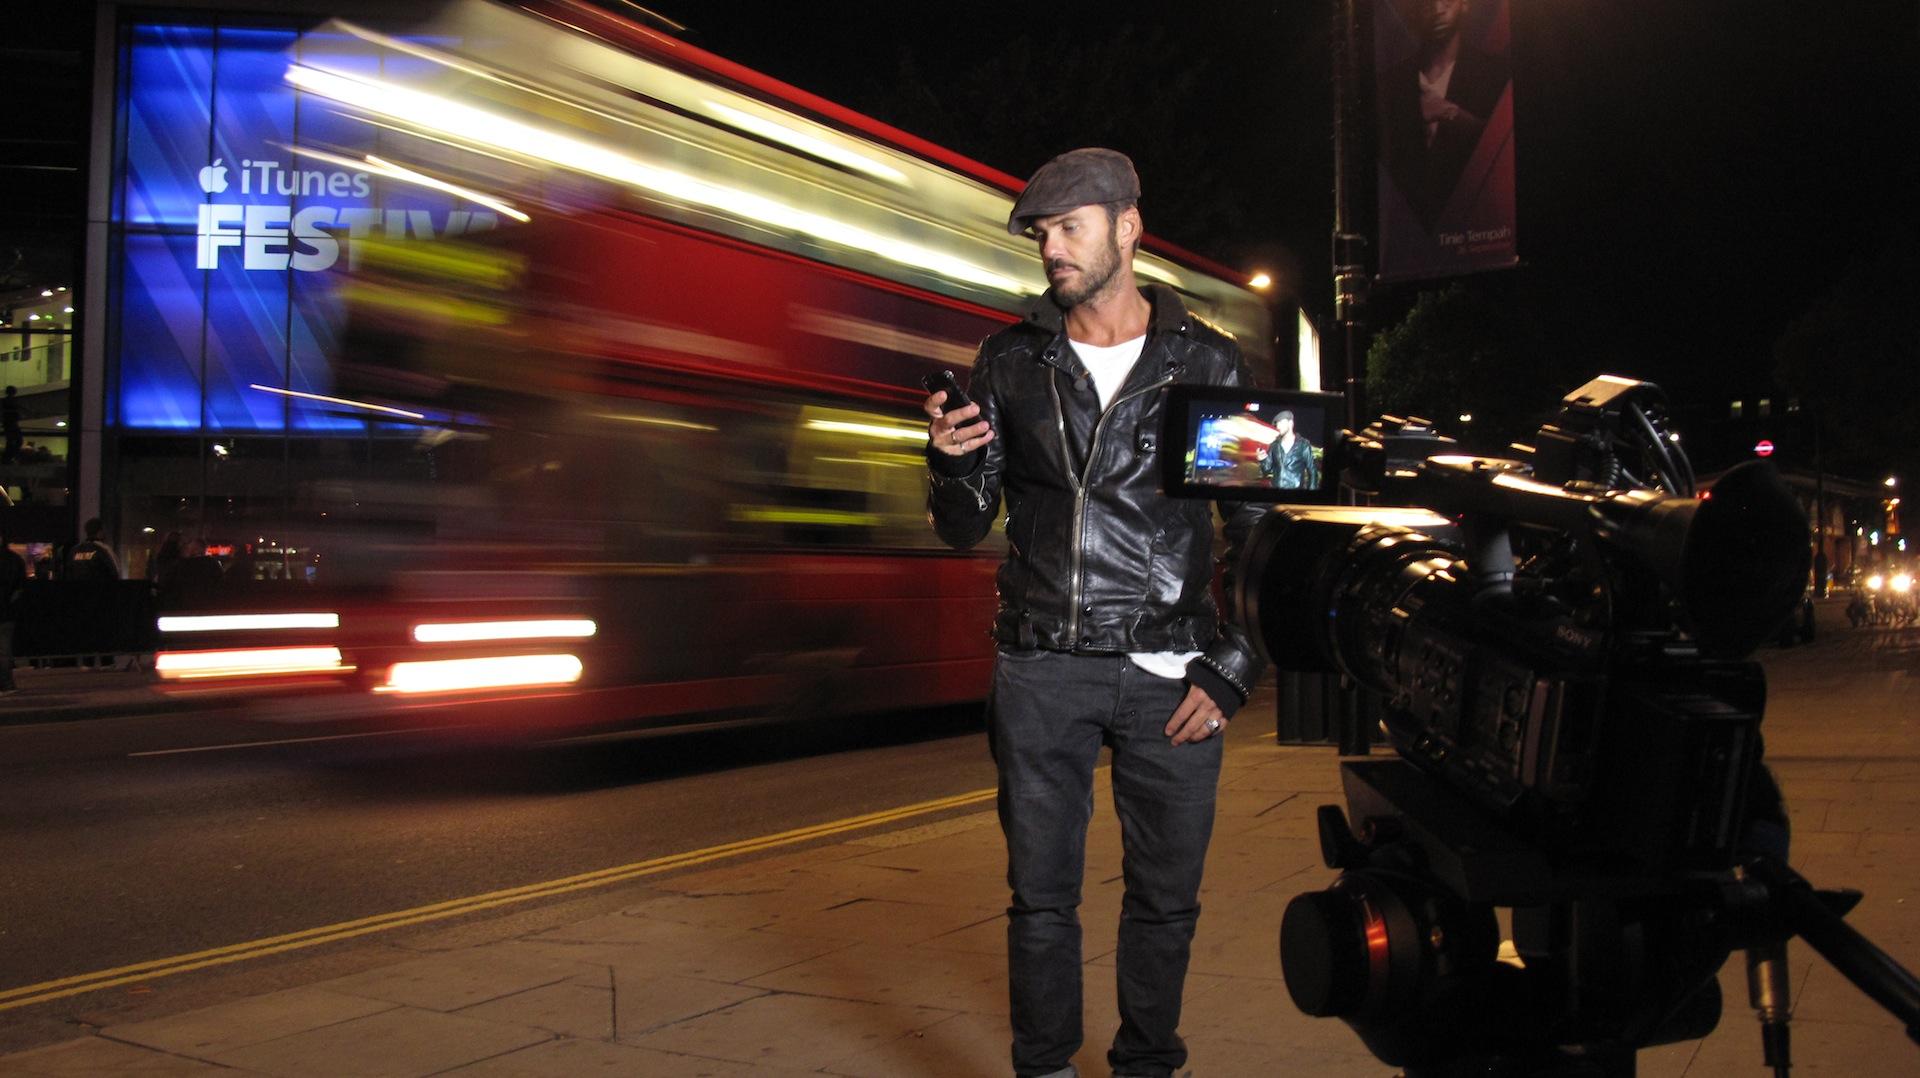 Tommy Vee London Bus.JPG